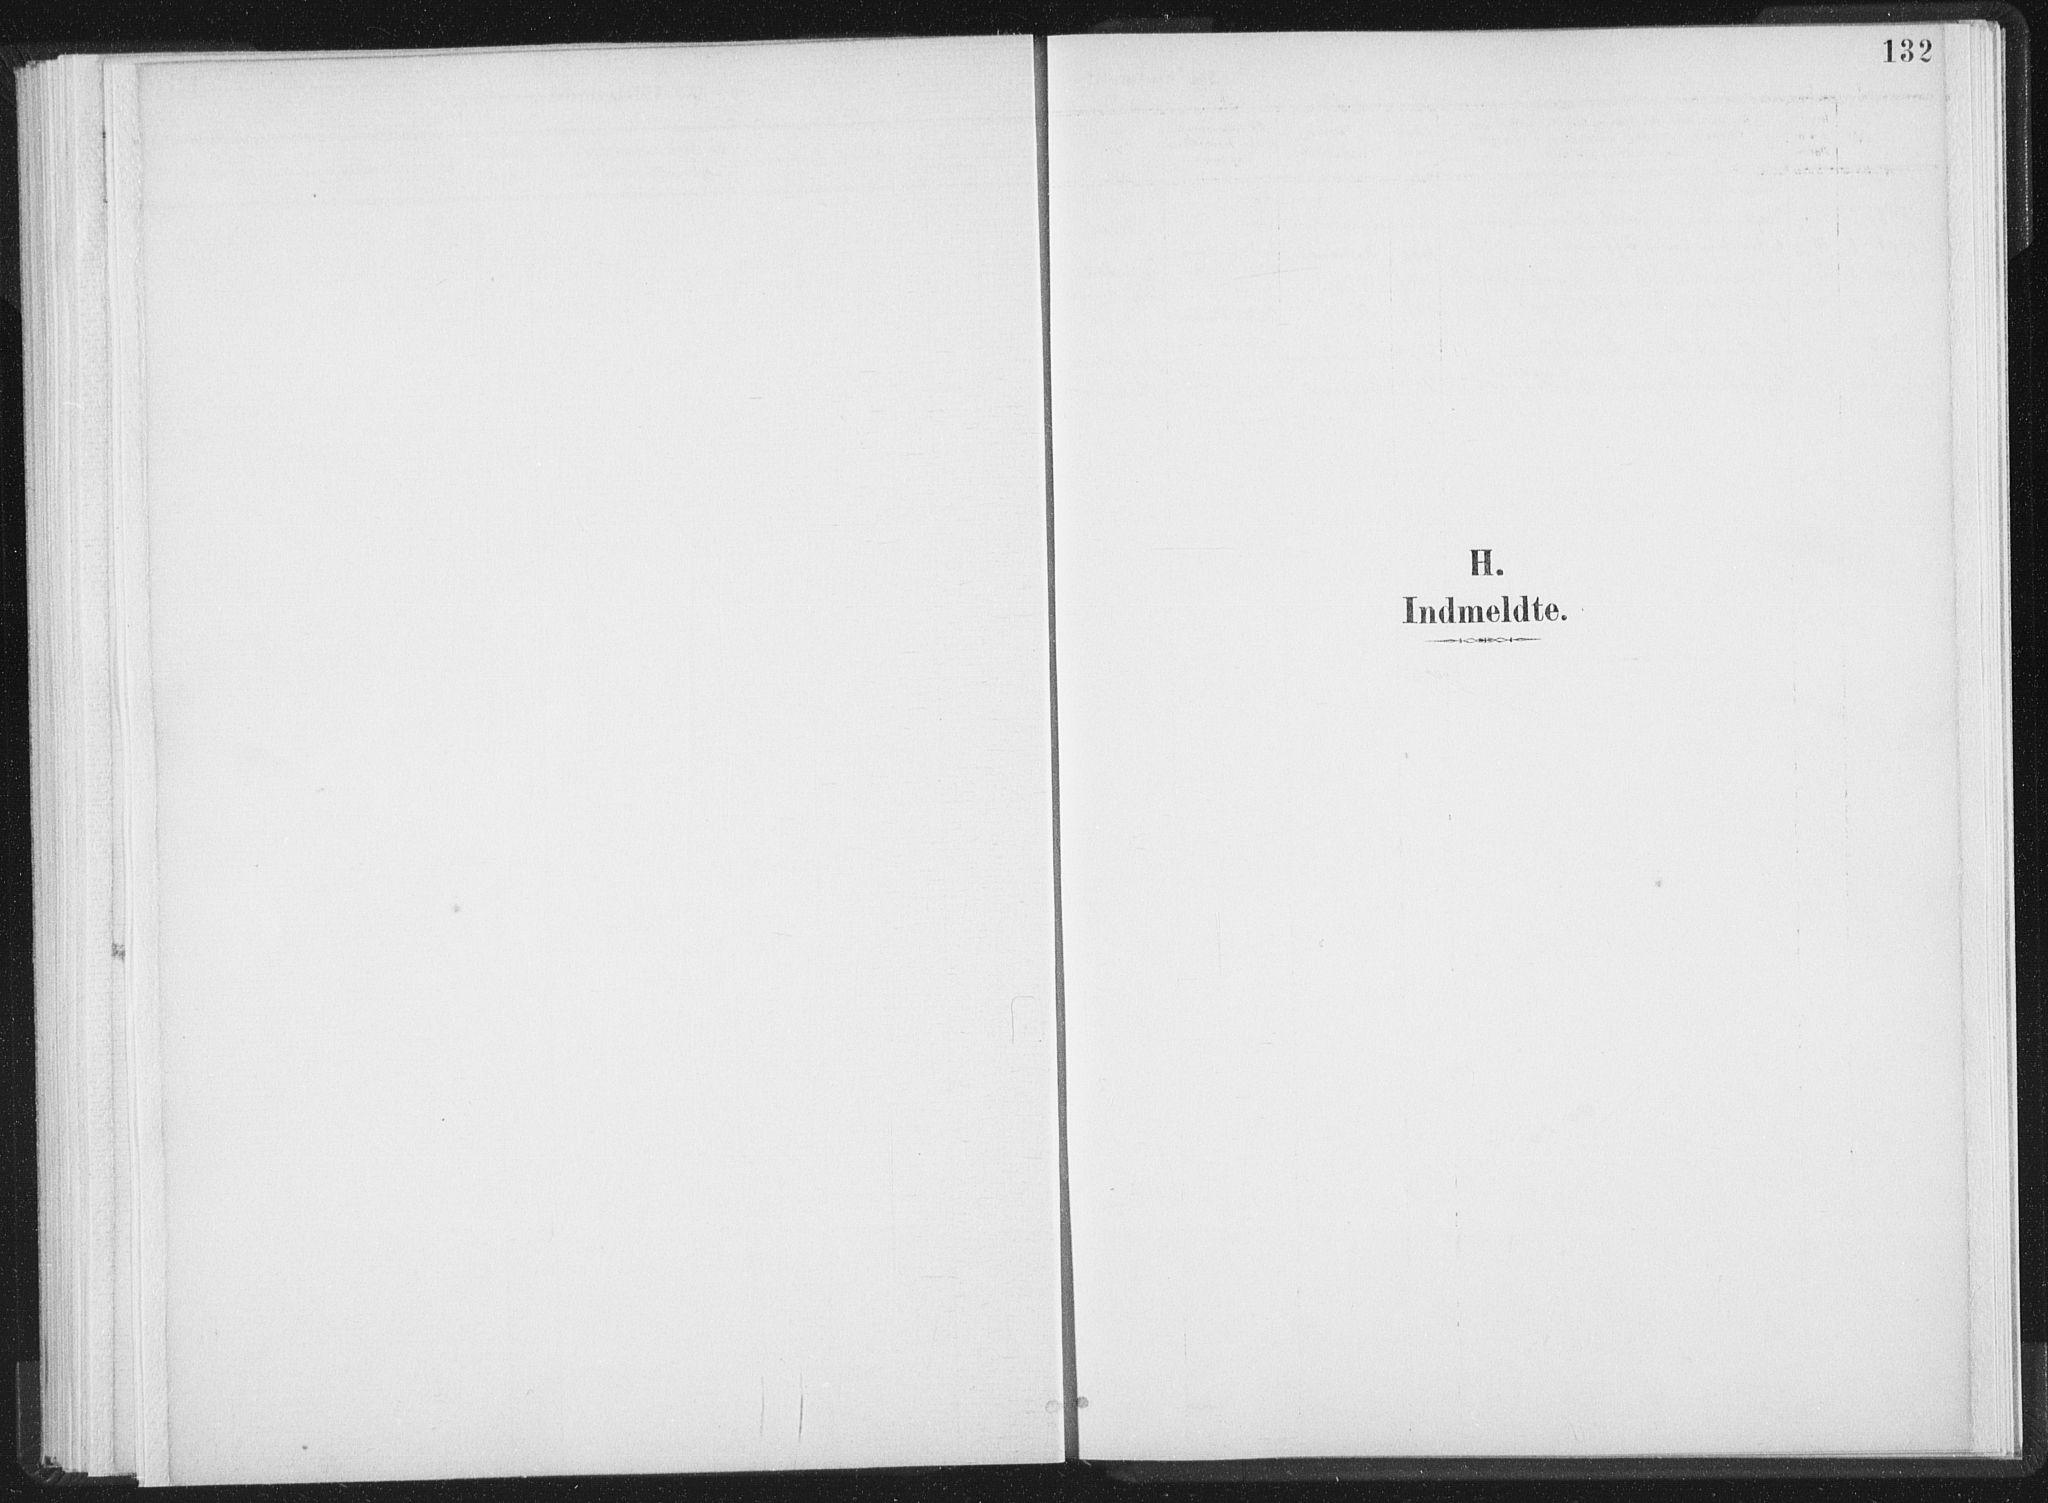 SAT, Ministerialprotokoller, klokkerbøker og fødselsregistre - Nord-Trøndelag, 724/L0263: Ministerialbok nr. 724A01, 1891-1907, s. 132